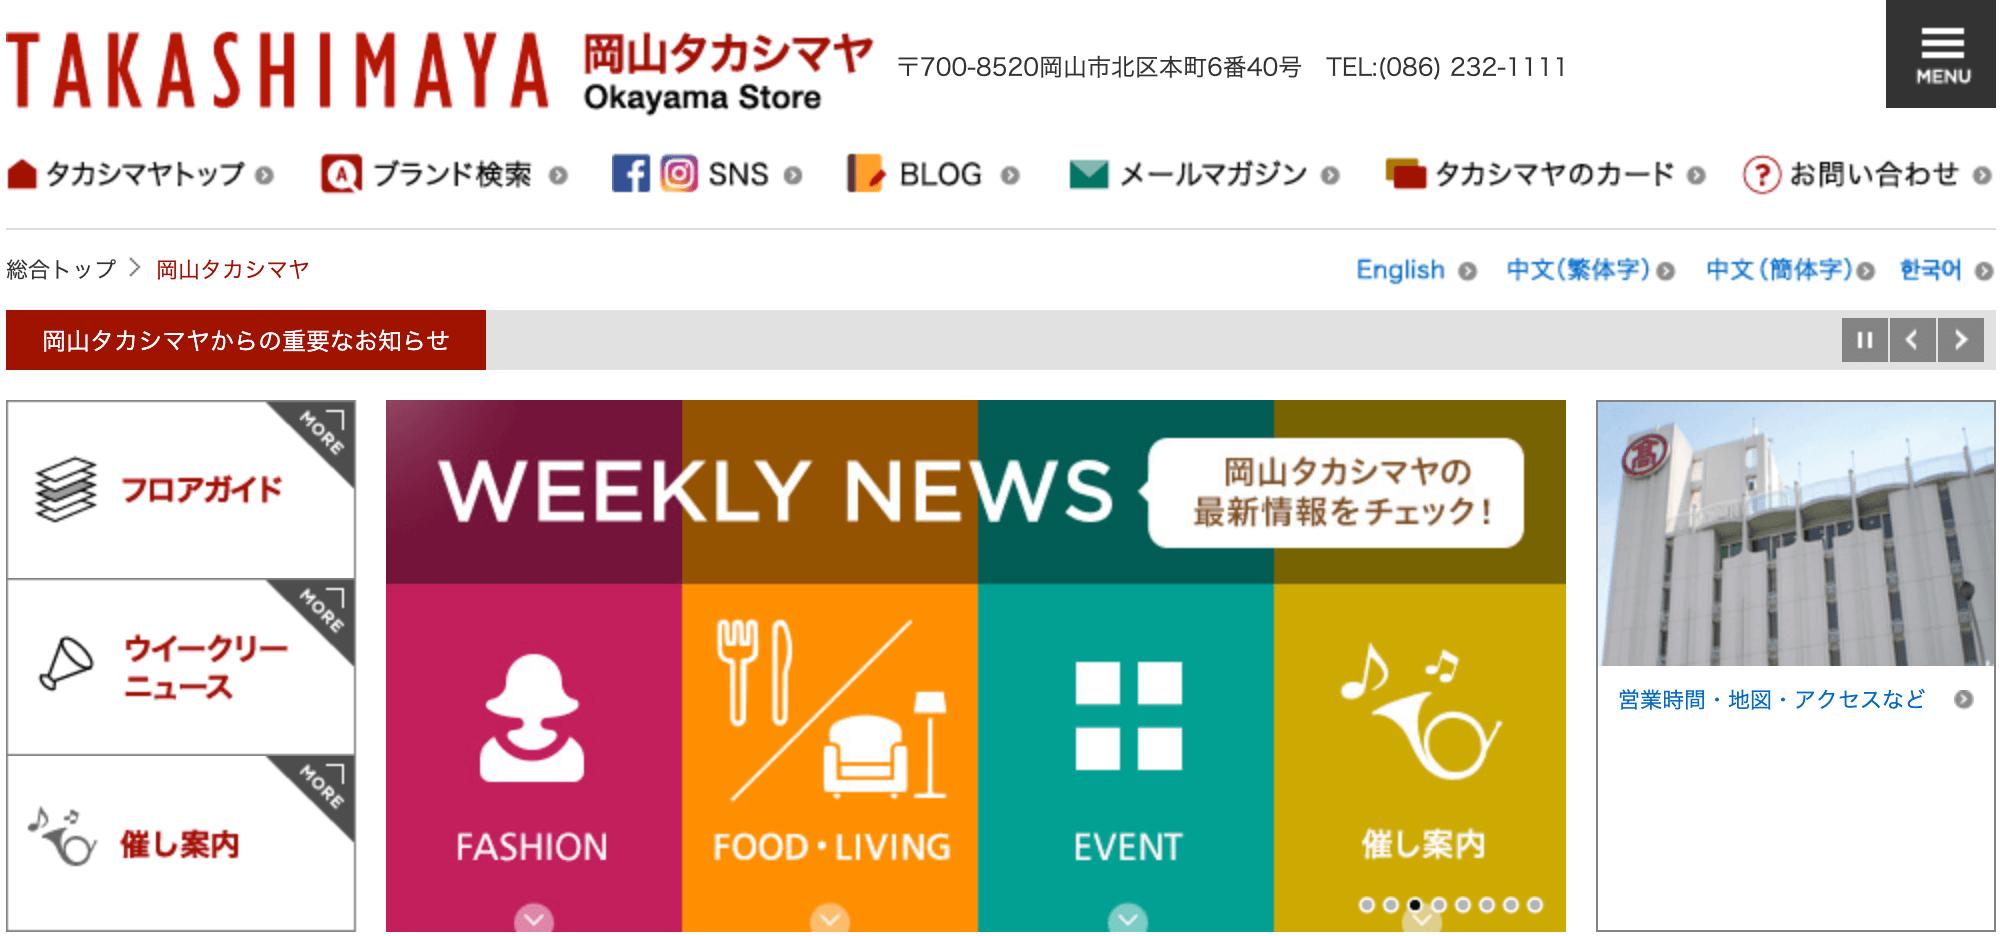 岡山 タカシマヤ ランドセル 2020